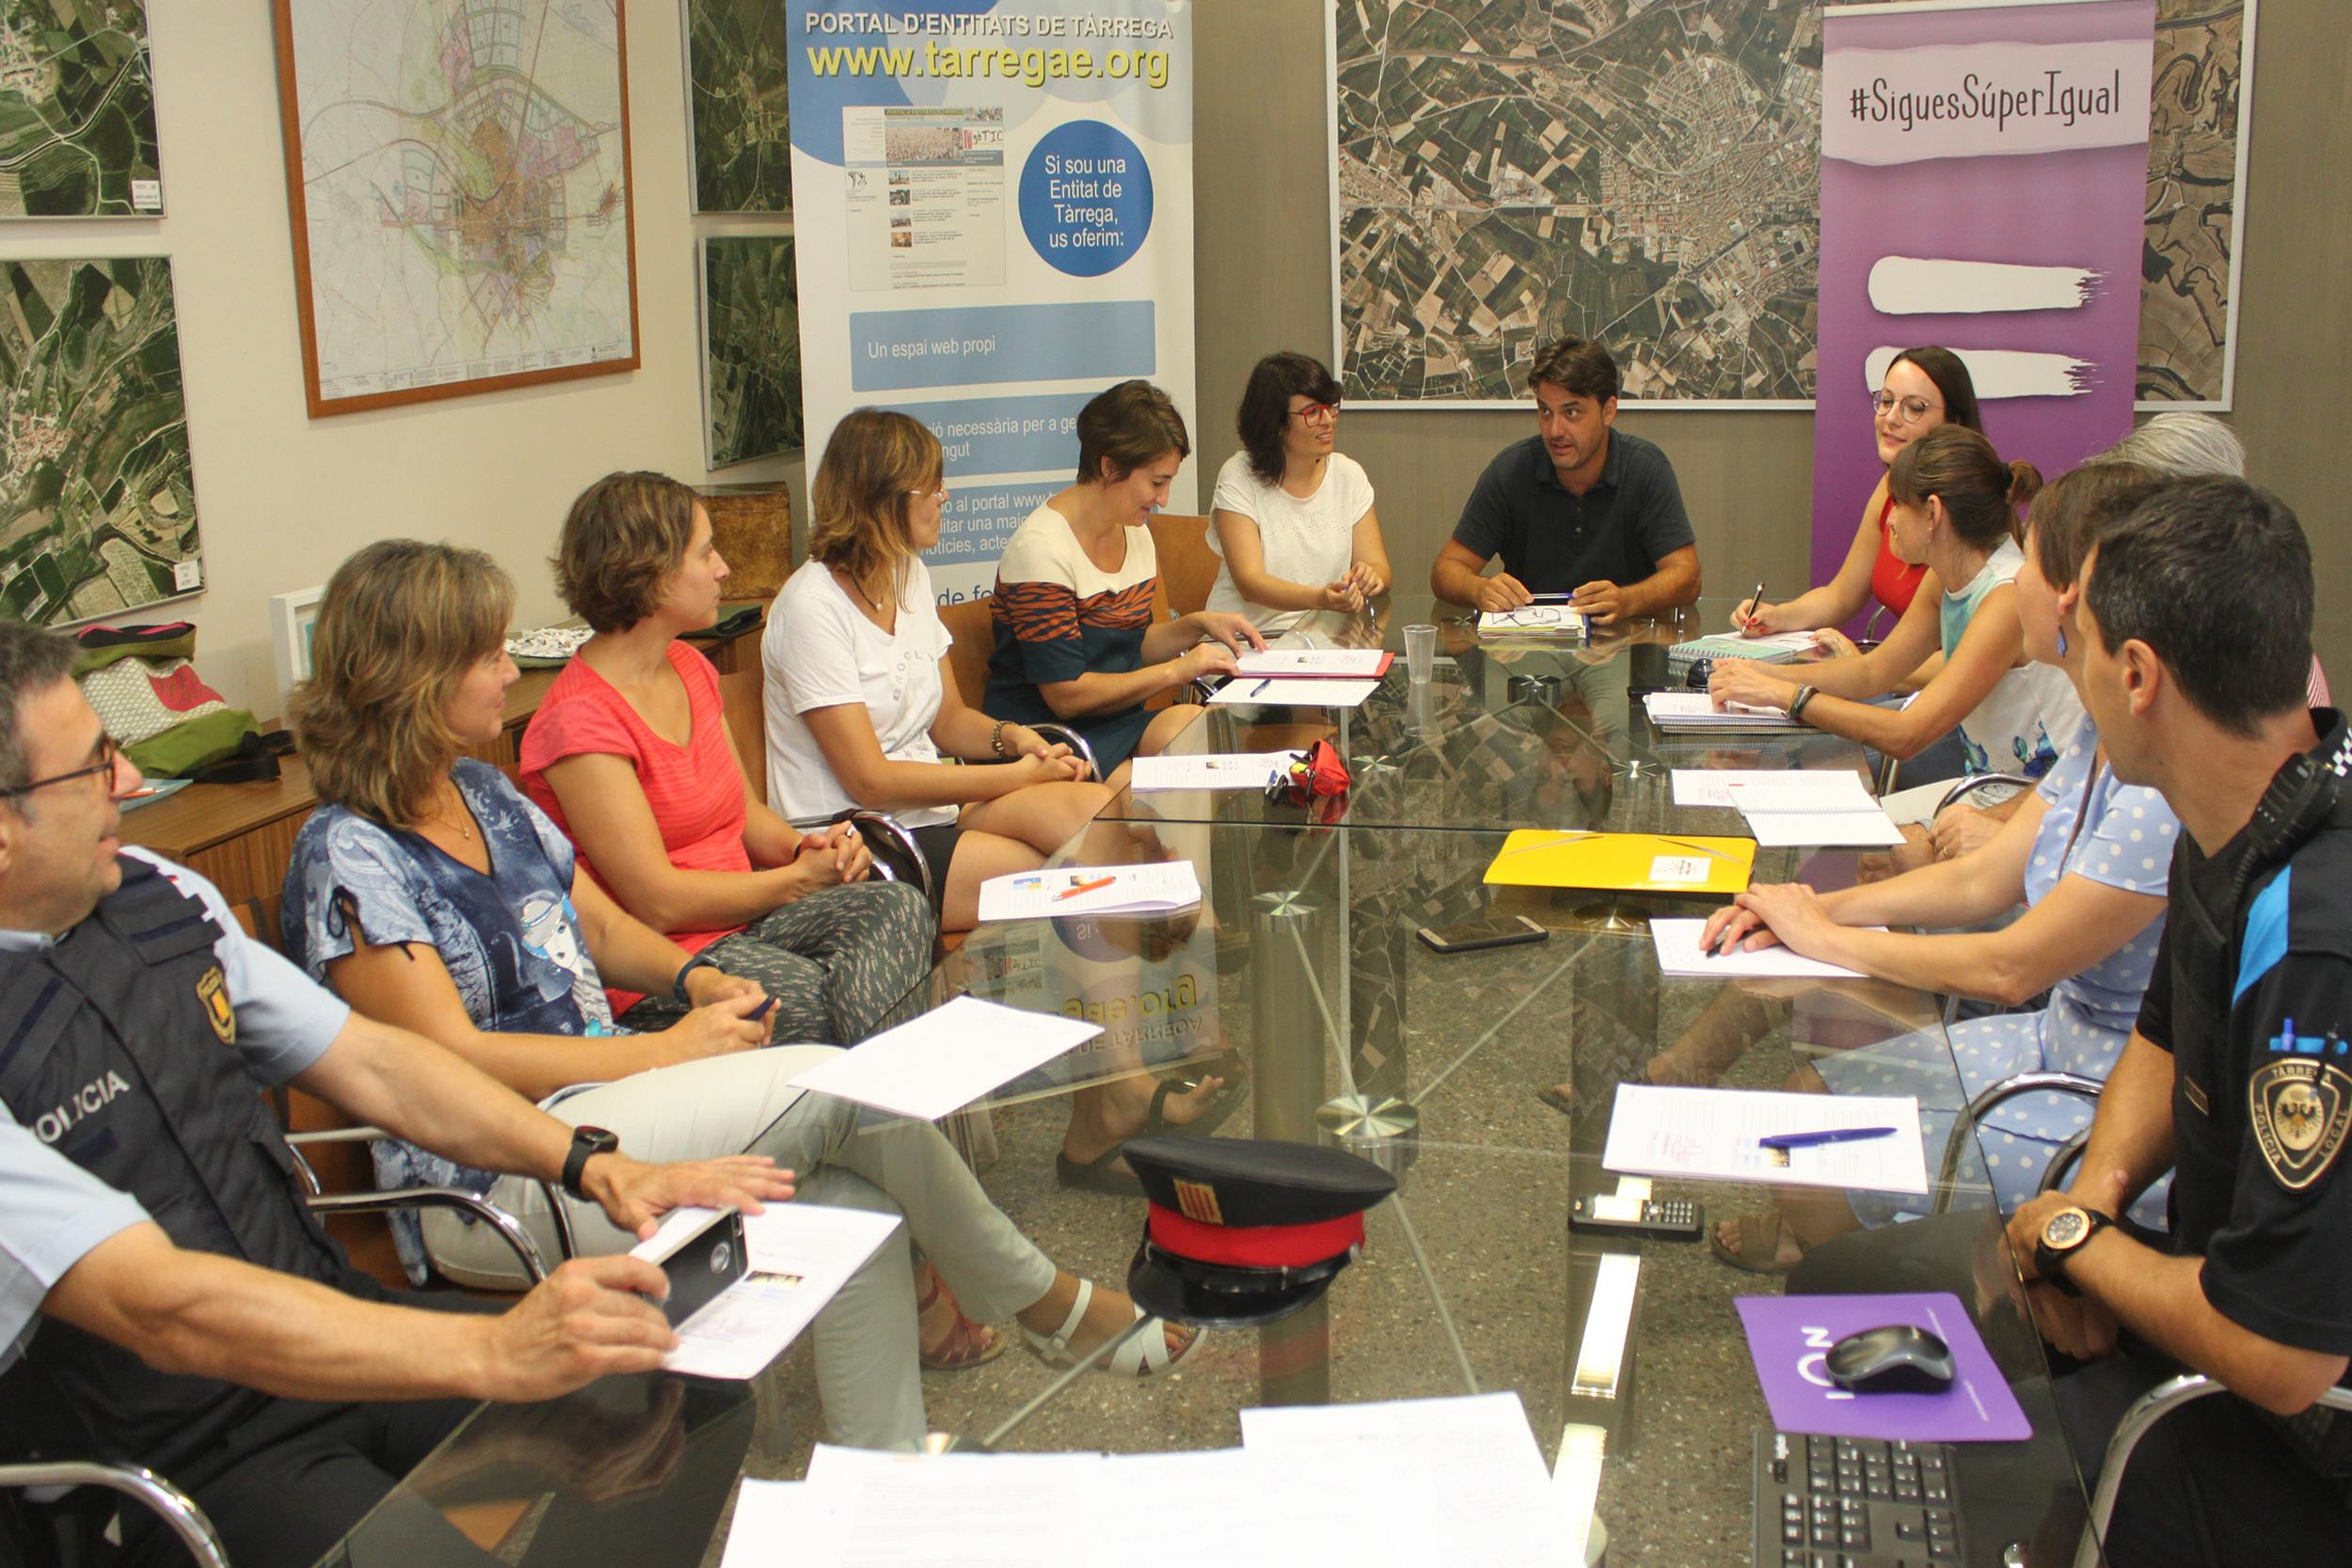 Tàrrega convoca dues activitats participatives dins el procés d'elaboració del protocol per prevenir violències sexuals en espais de festa i oci